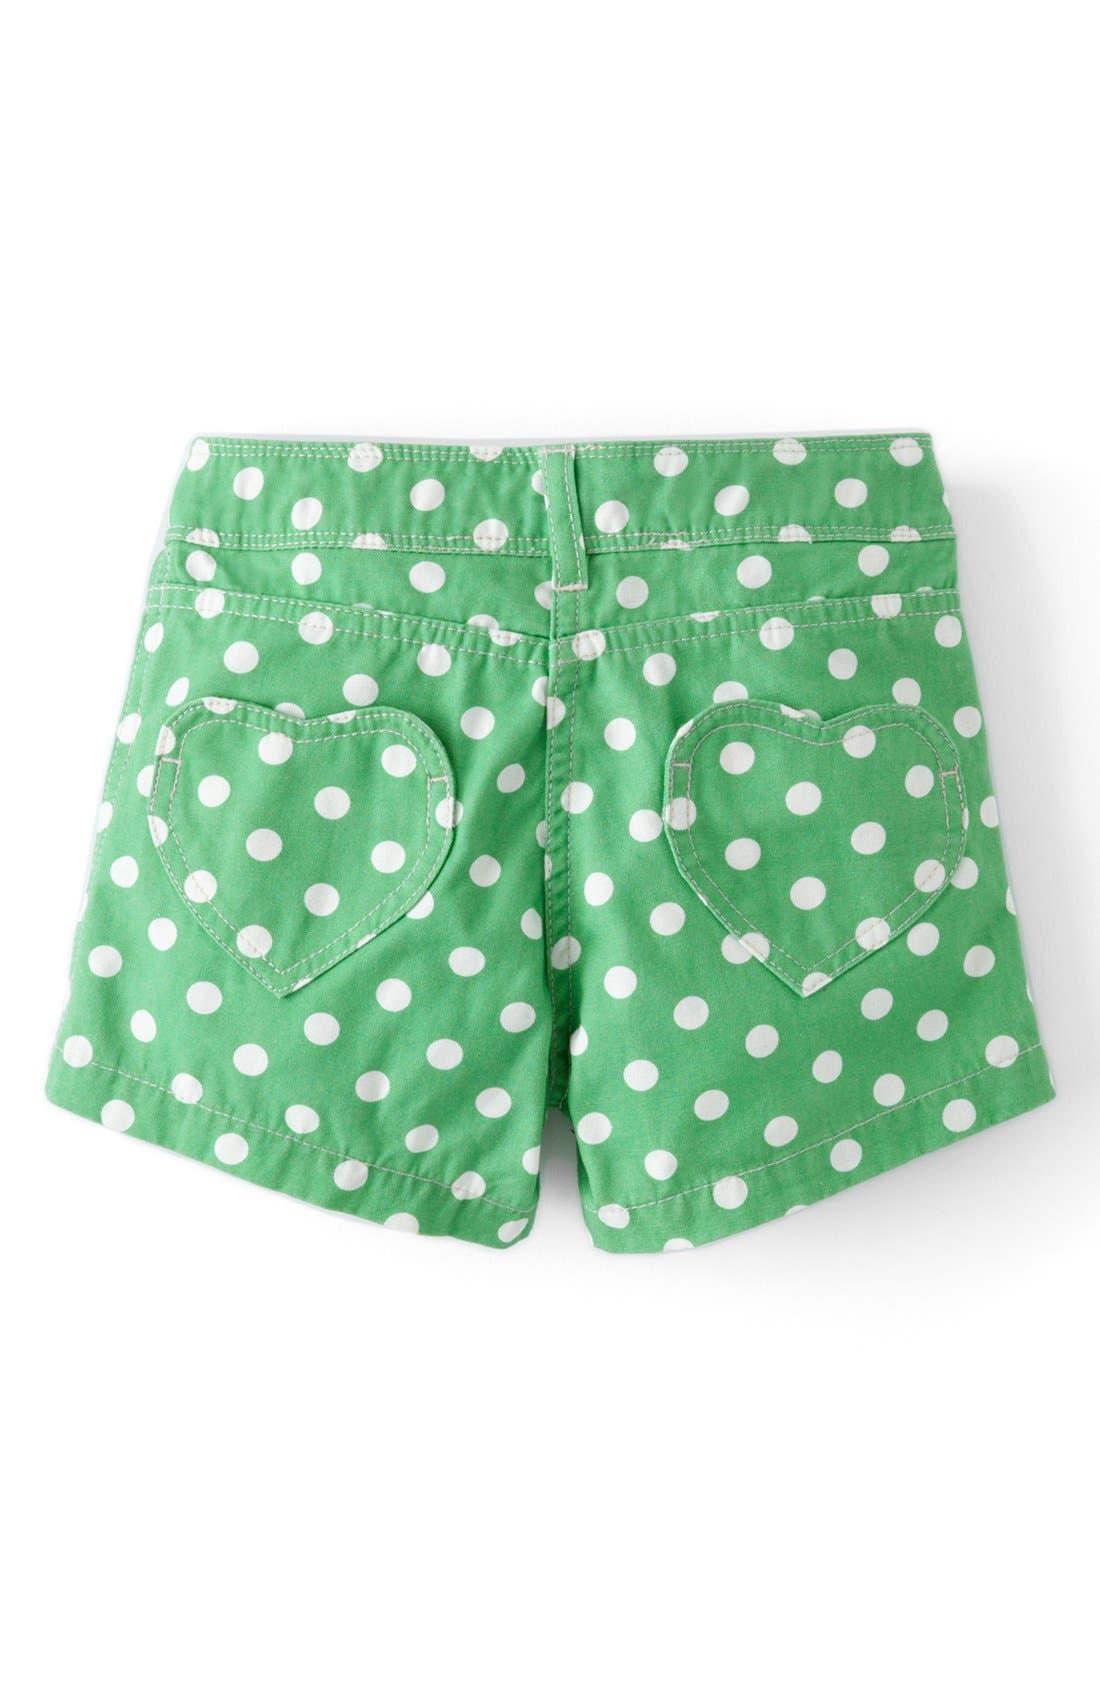 Alternate Image 2  - Mini Boden Heart Pocket Shorts (Toddler Girls, Little Girls & Big Girls)(Online Only)